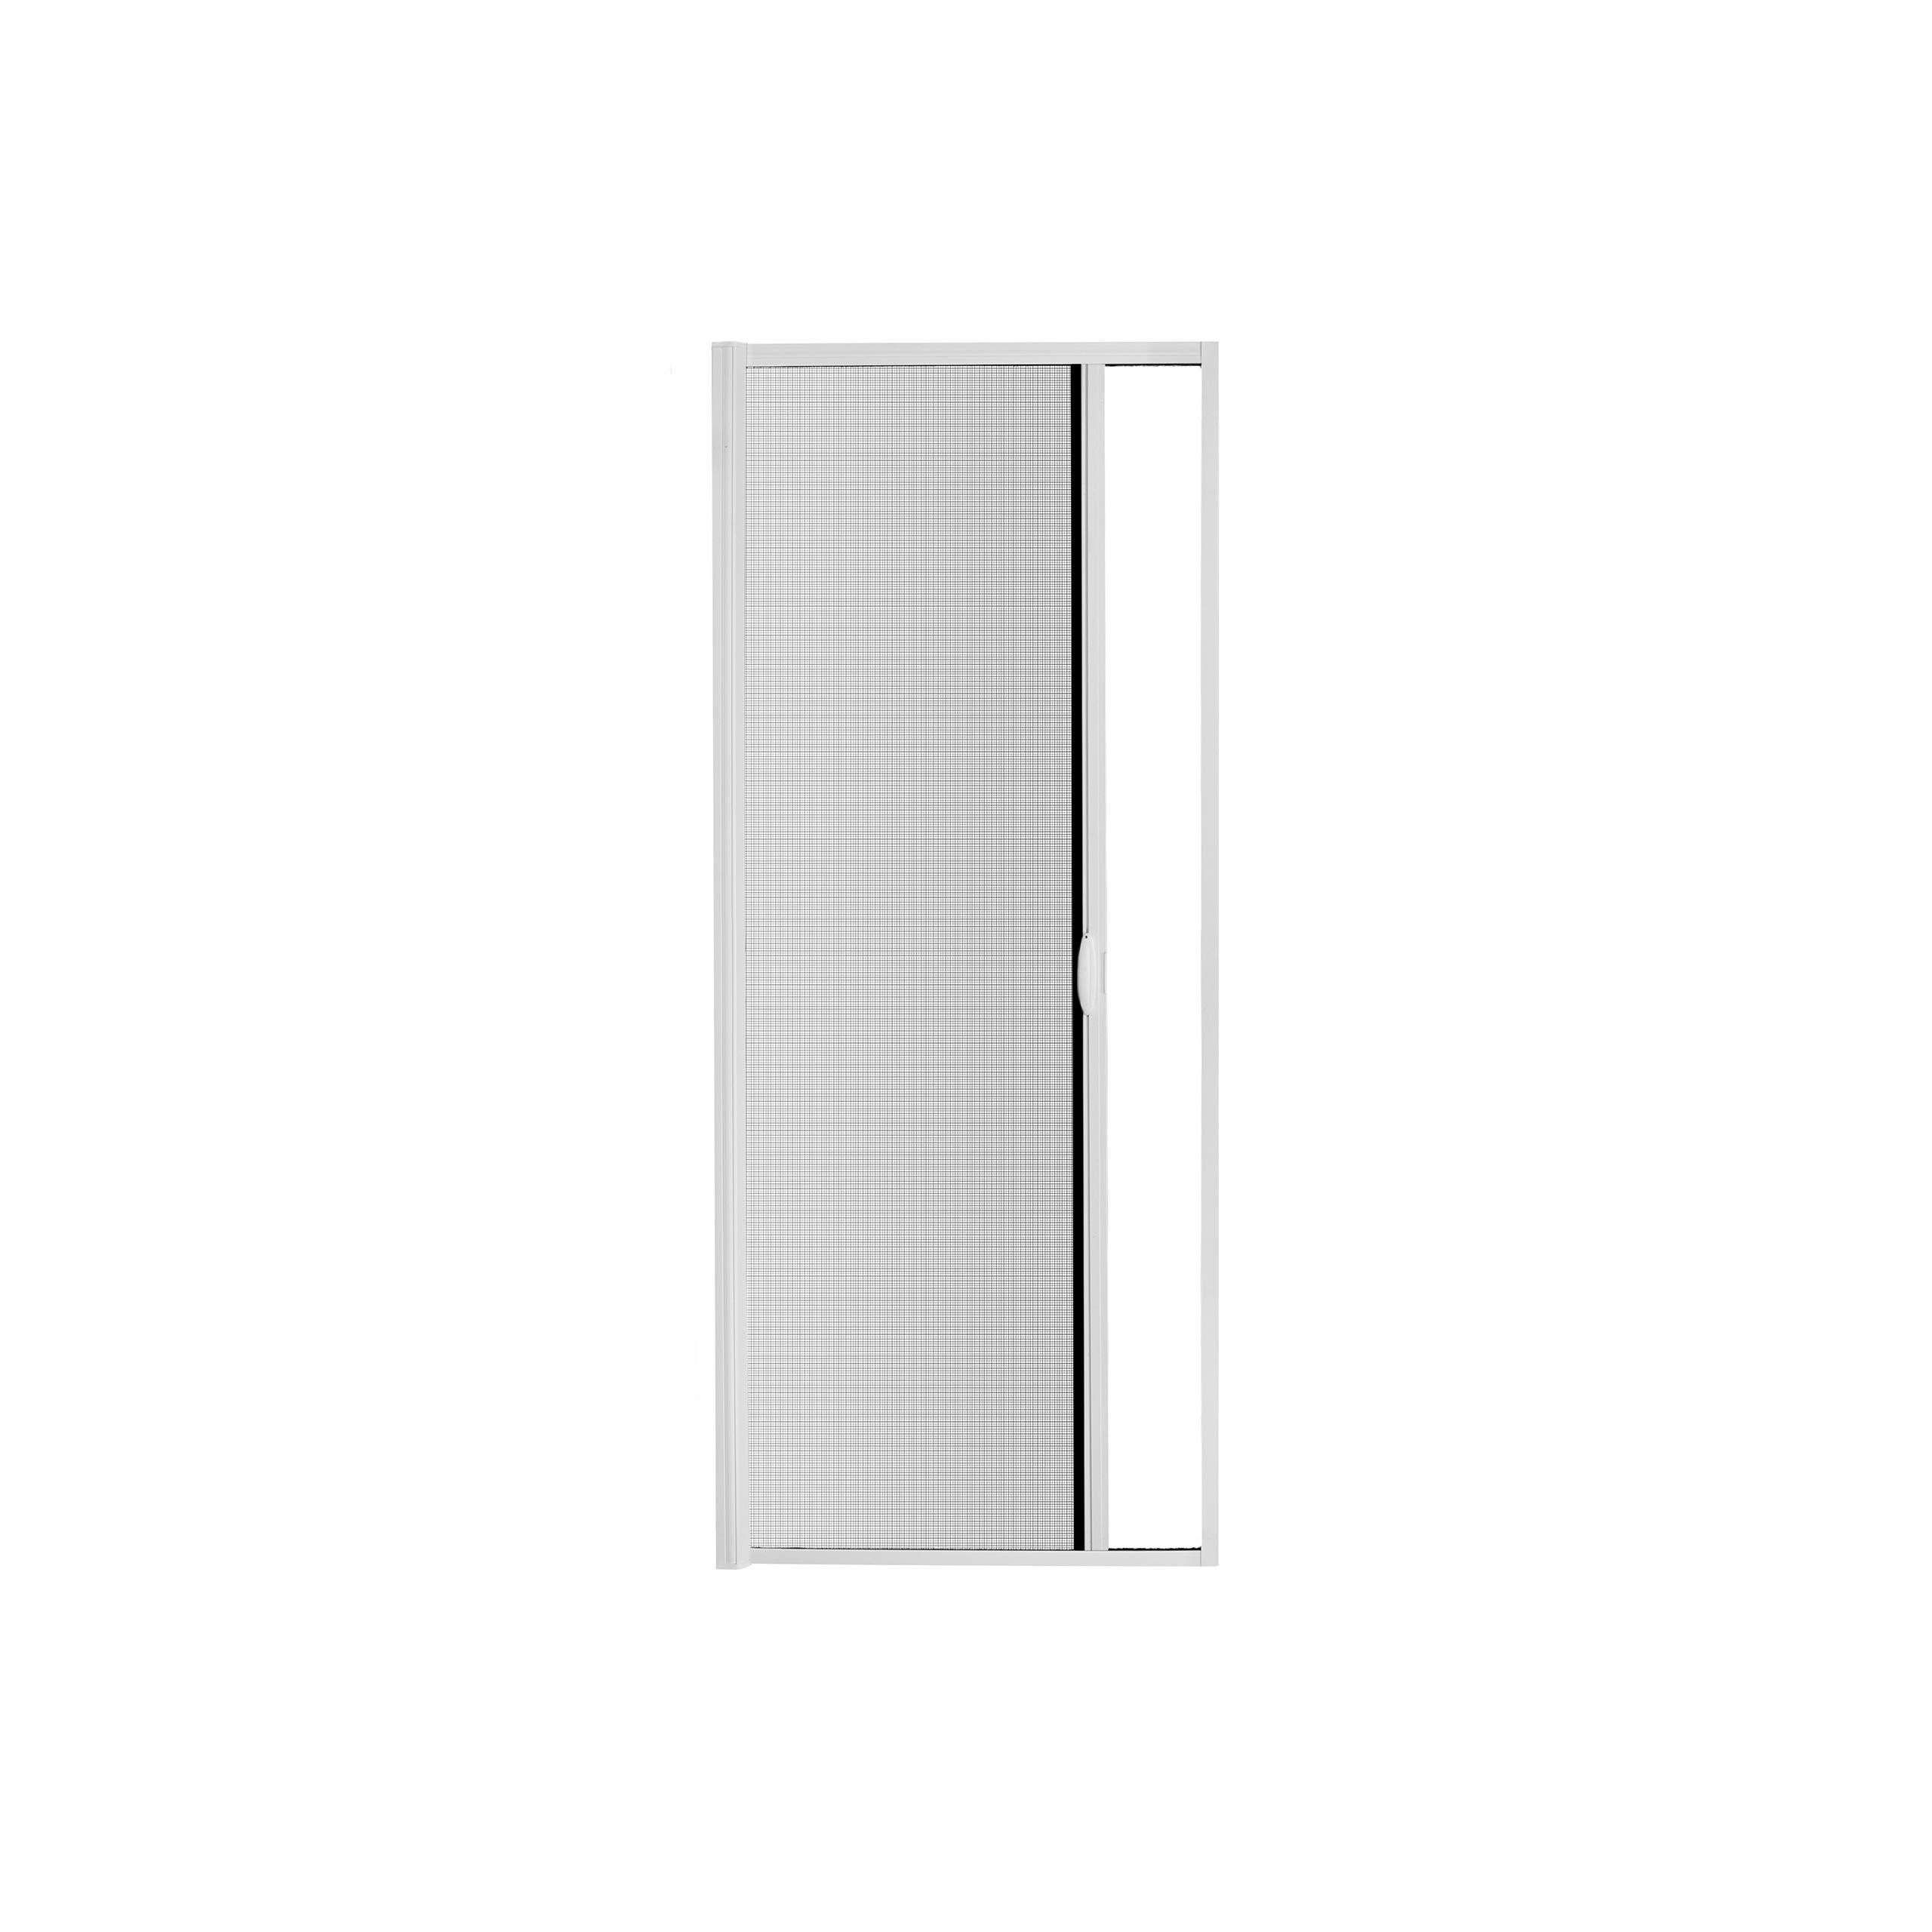 Mosquitera para puerta, enrollable, marco de aluminio, kit de montaje, mosquitera enrollable, Blanco: Amazon.es: Bricolaje y herramientas